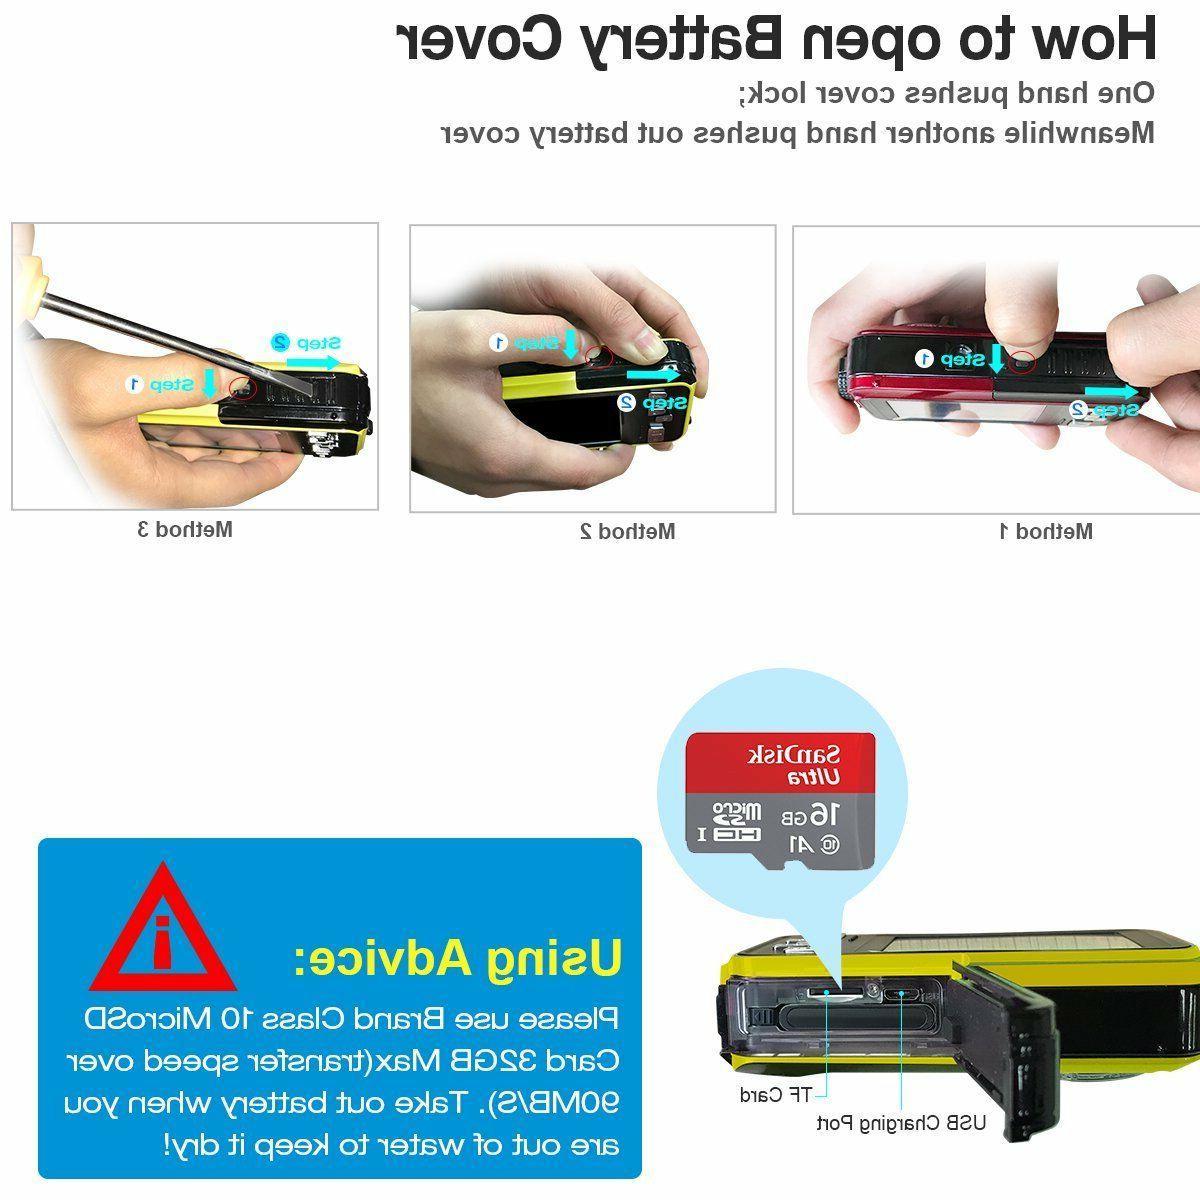 Waterproof Digital Cameras,Digital Cameras Waterproof Rec